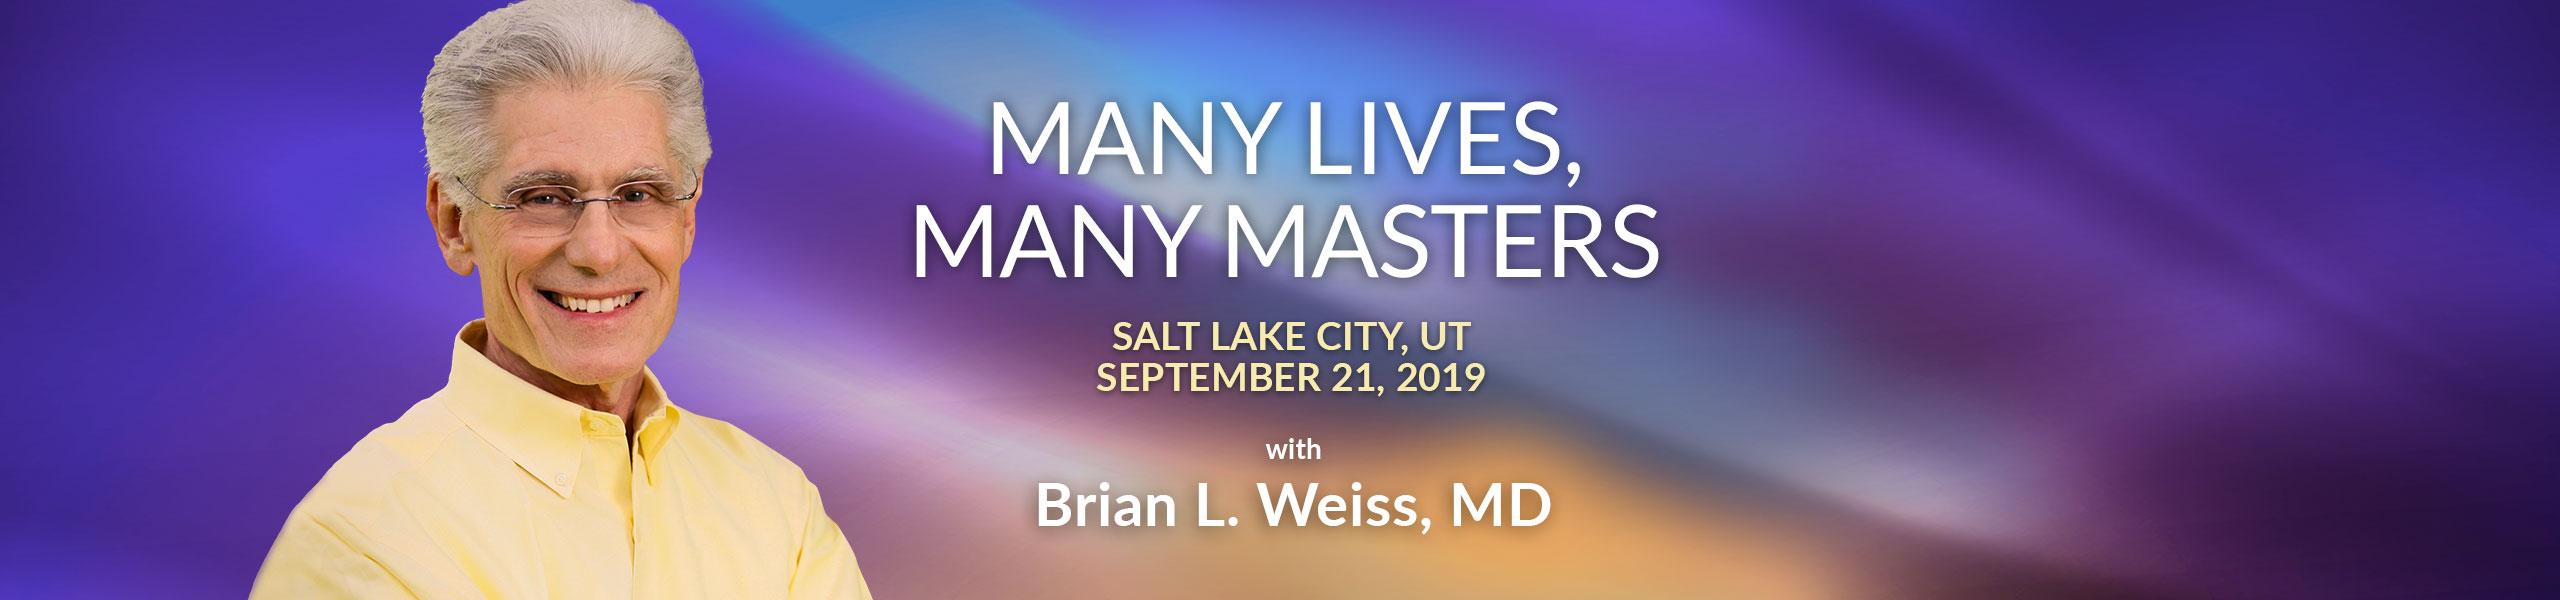 Many Lives, Many Masters - Salt Lake City